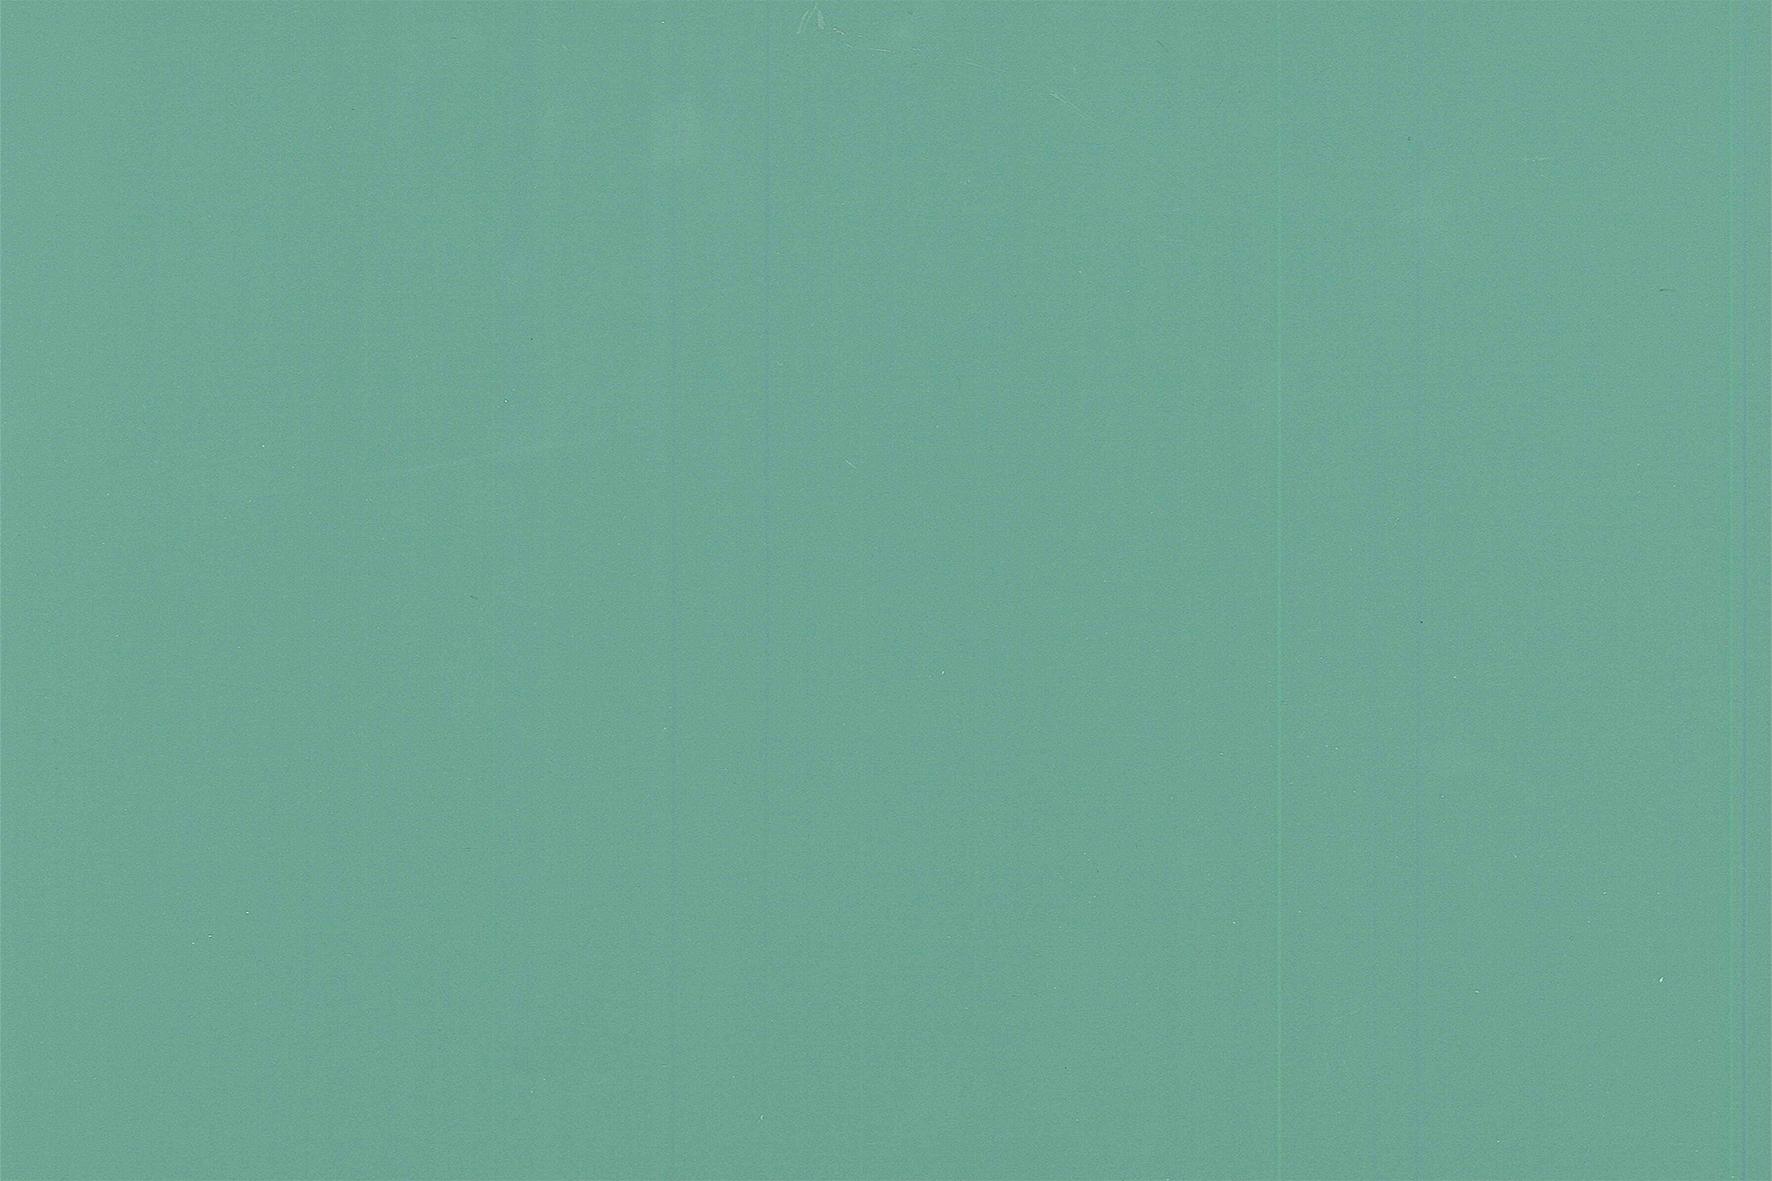 мятно зеленый